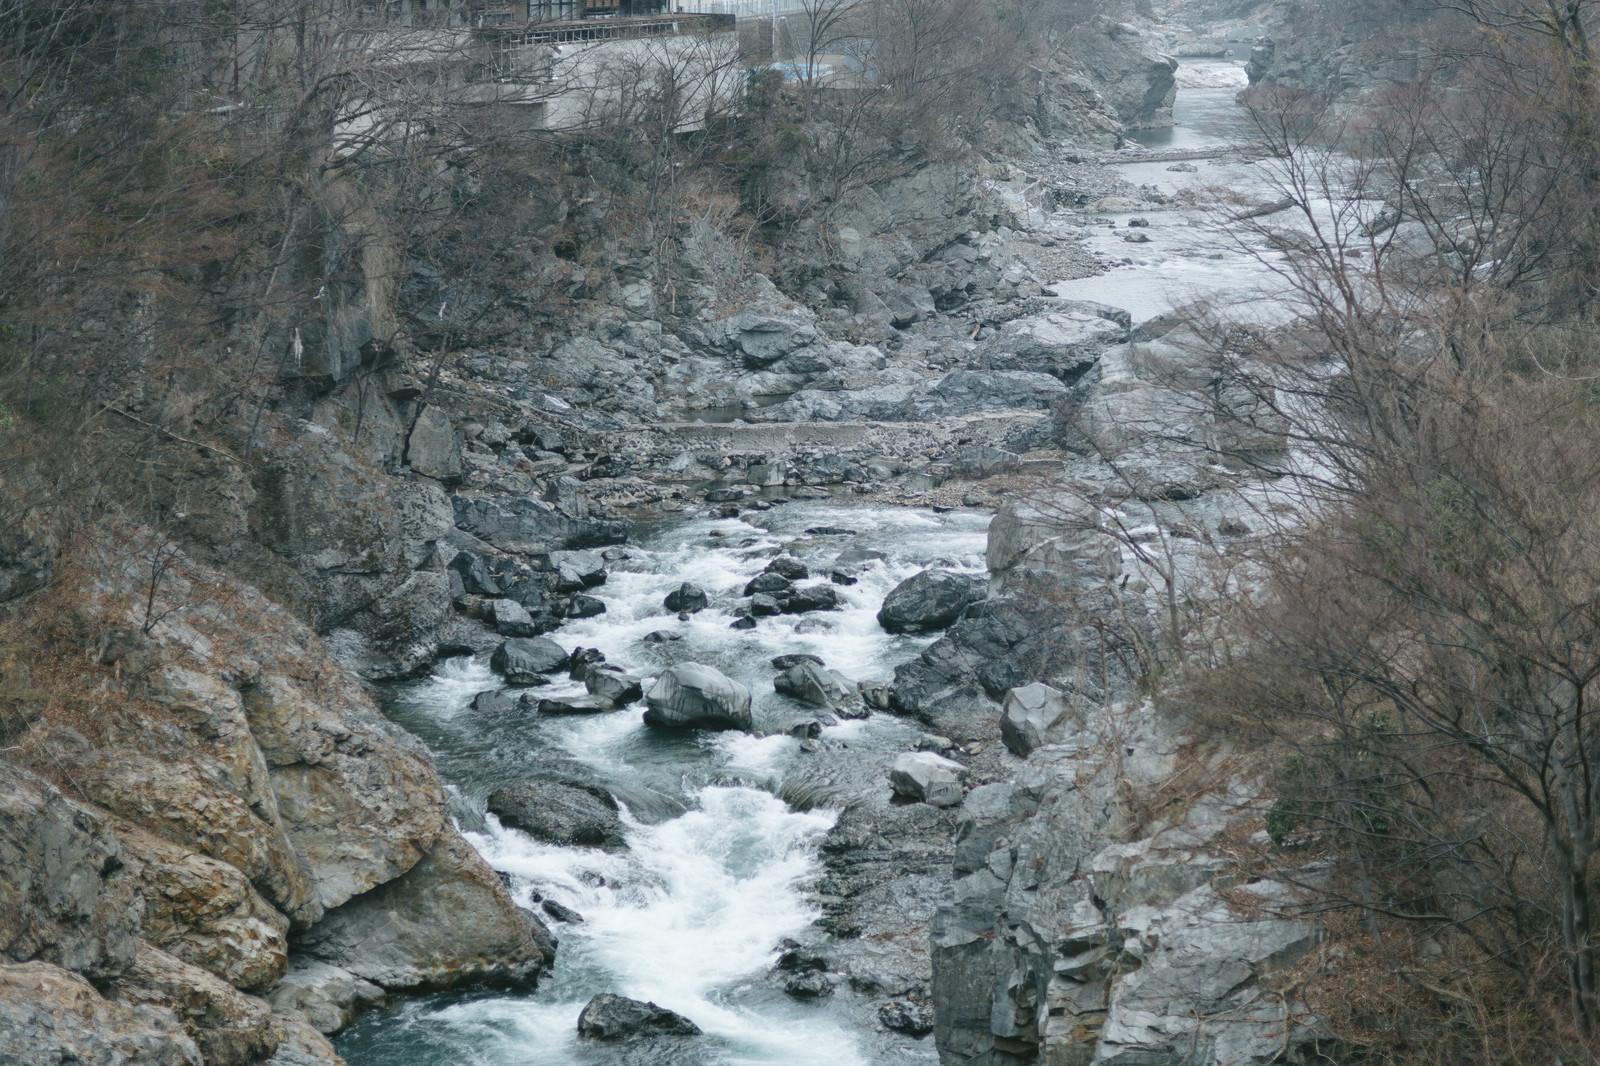 「ゴツゴツした岩と冬の鬼怒川」の写真